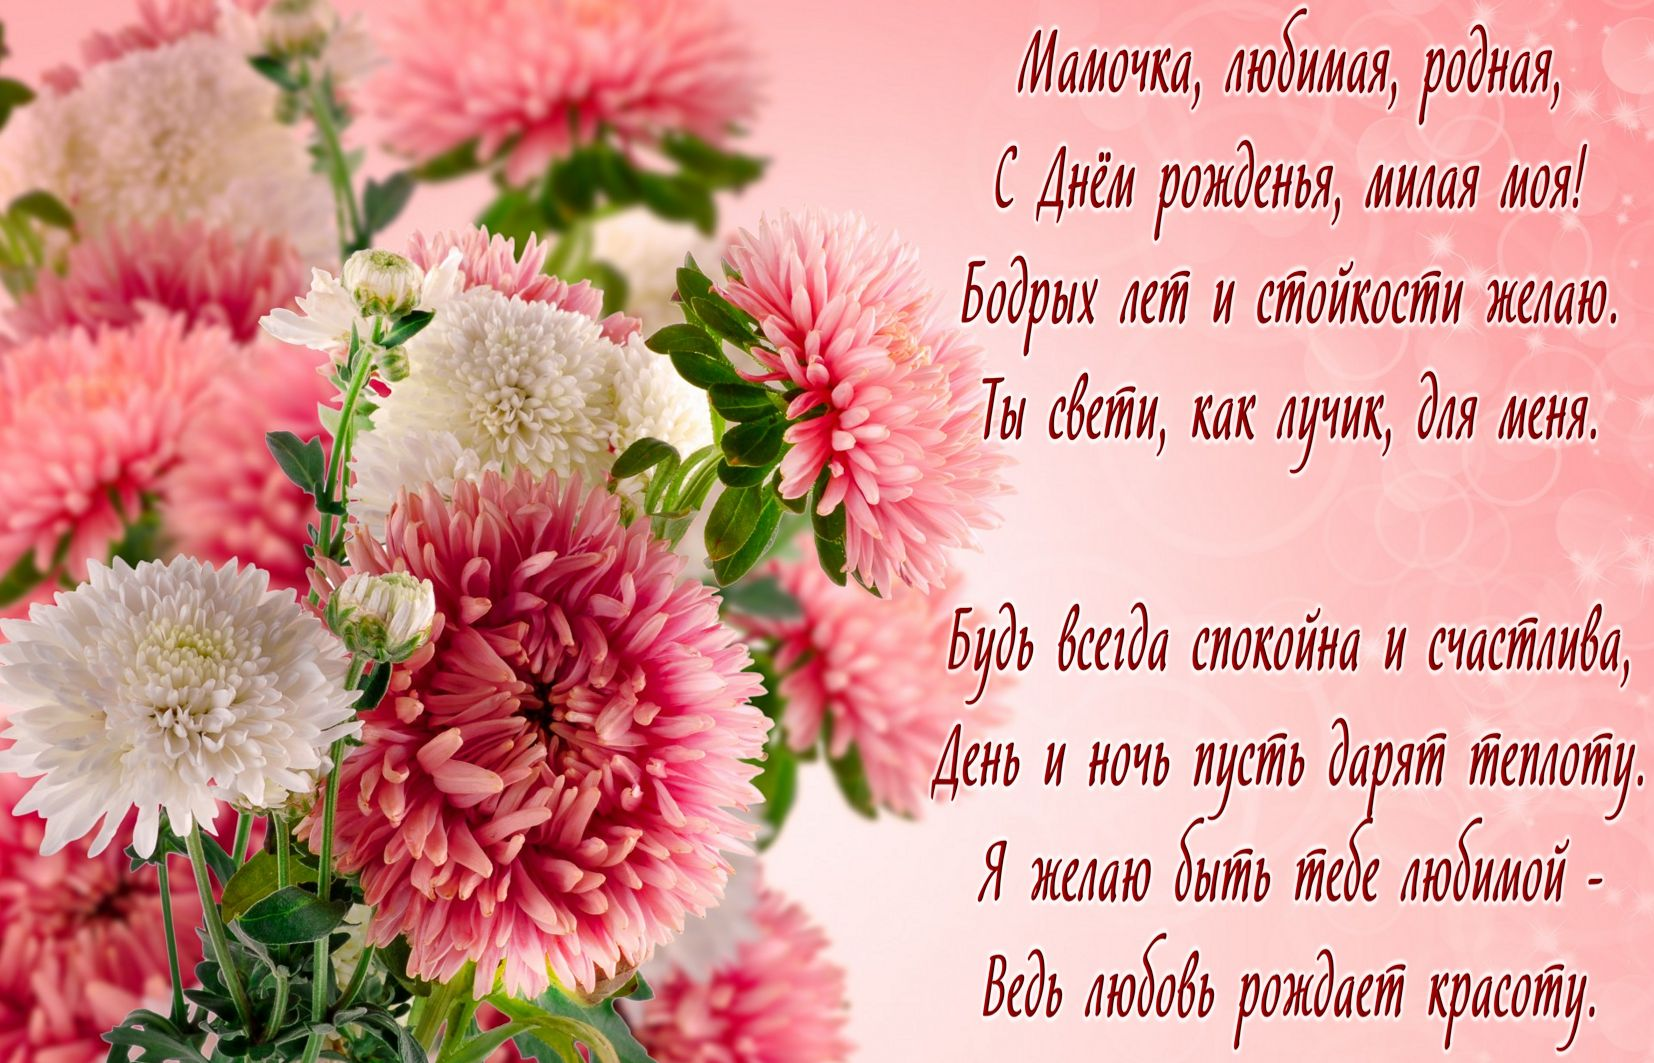 Открытки с днем рождения женщине красивые с пожеланиями маме